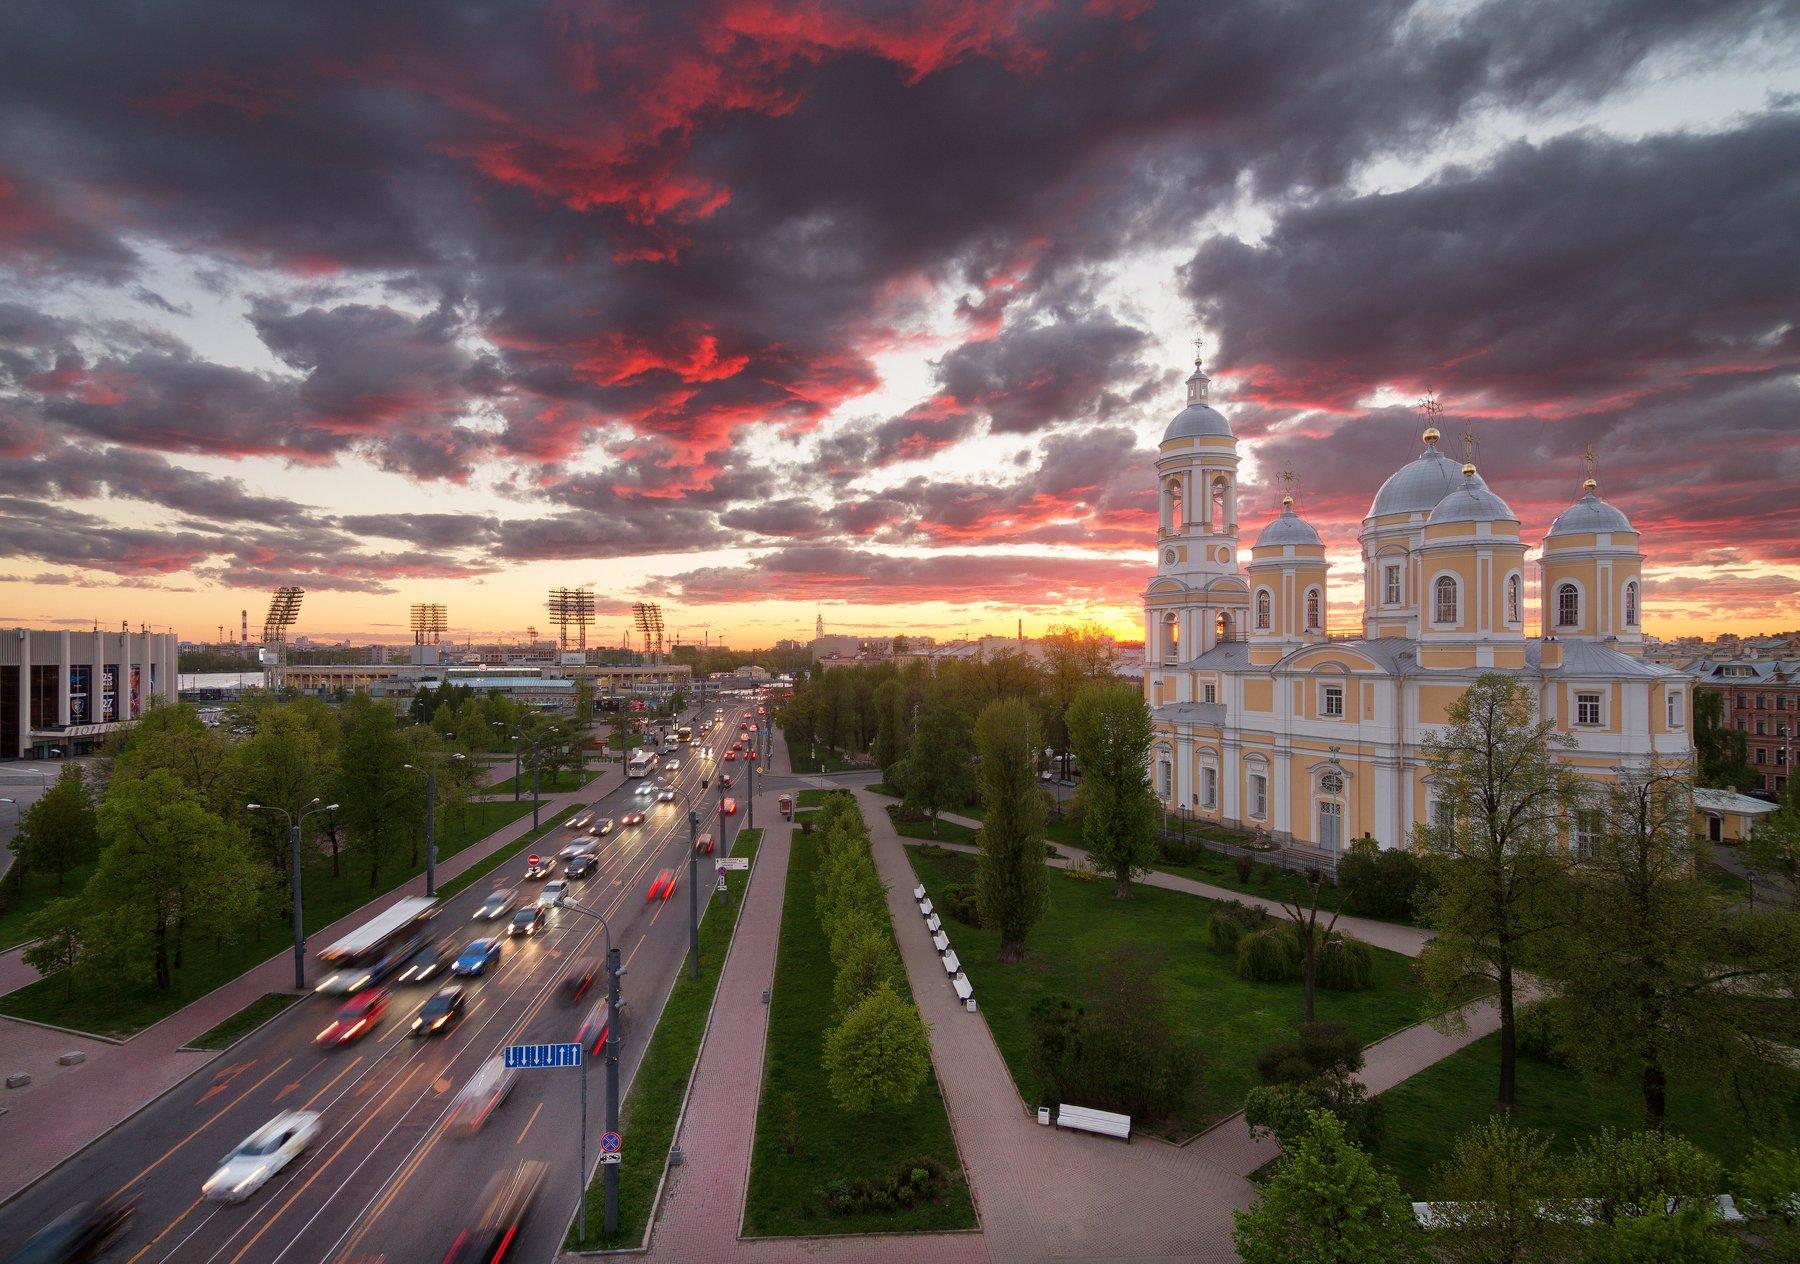 Церковь, Санкт-Петербург, крыша, закат, Голубев Алексей